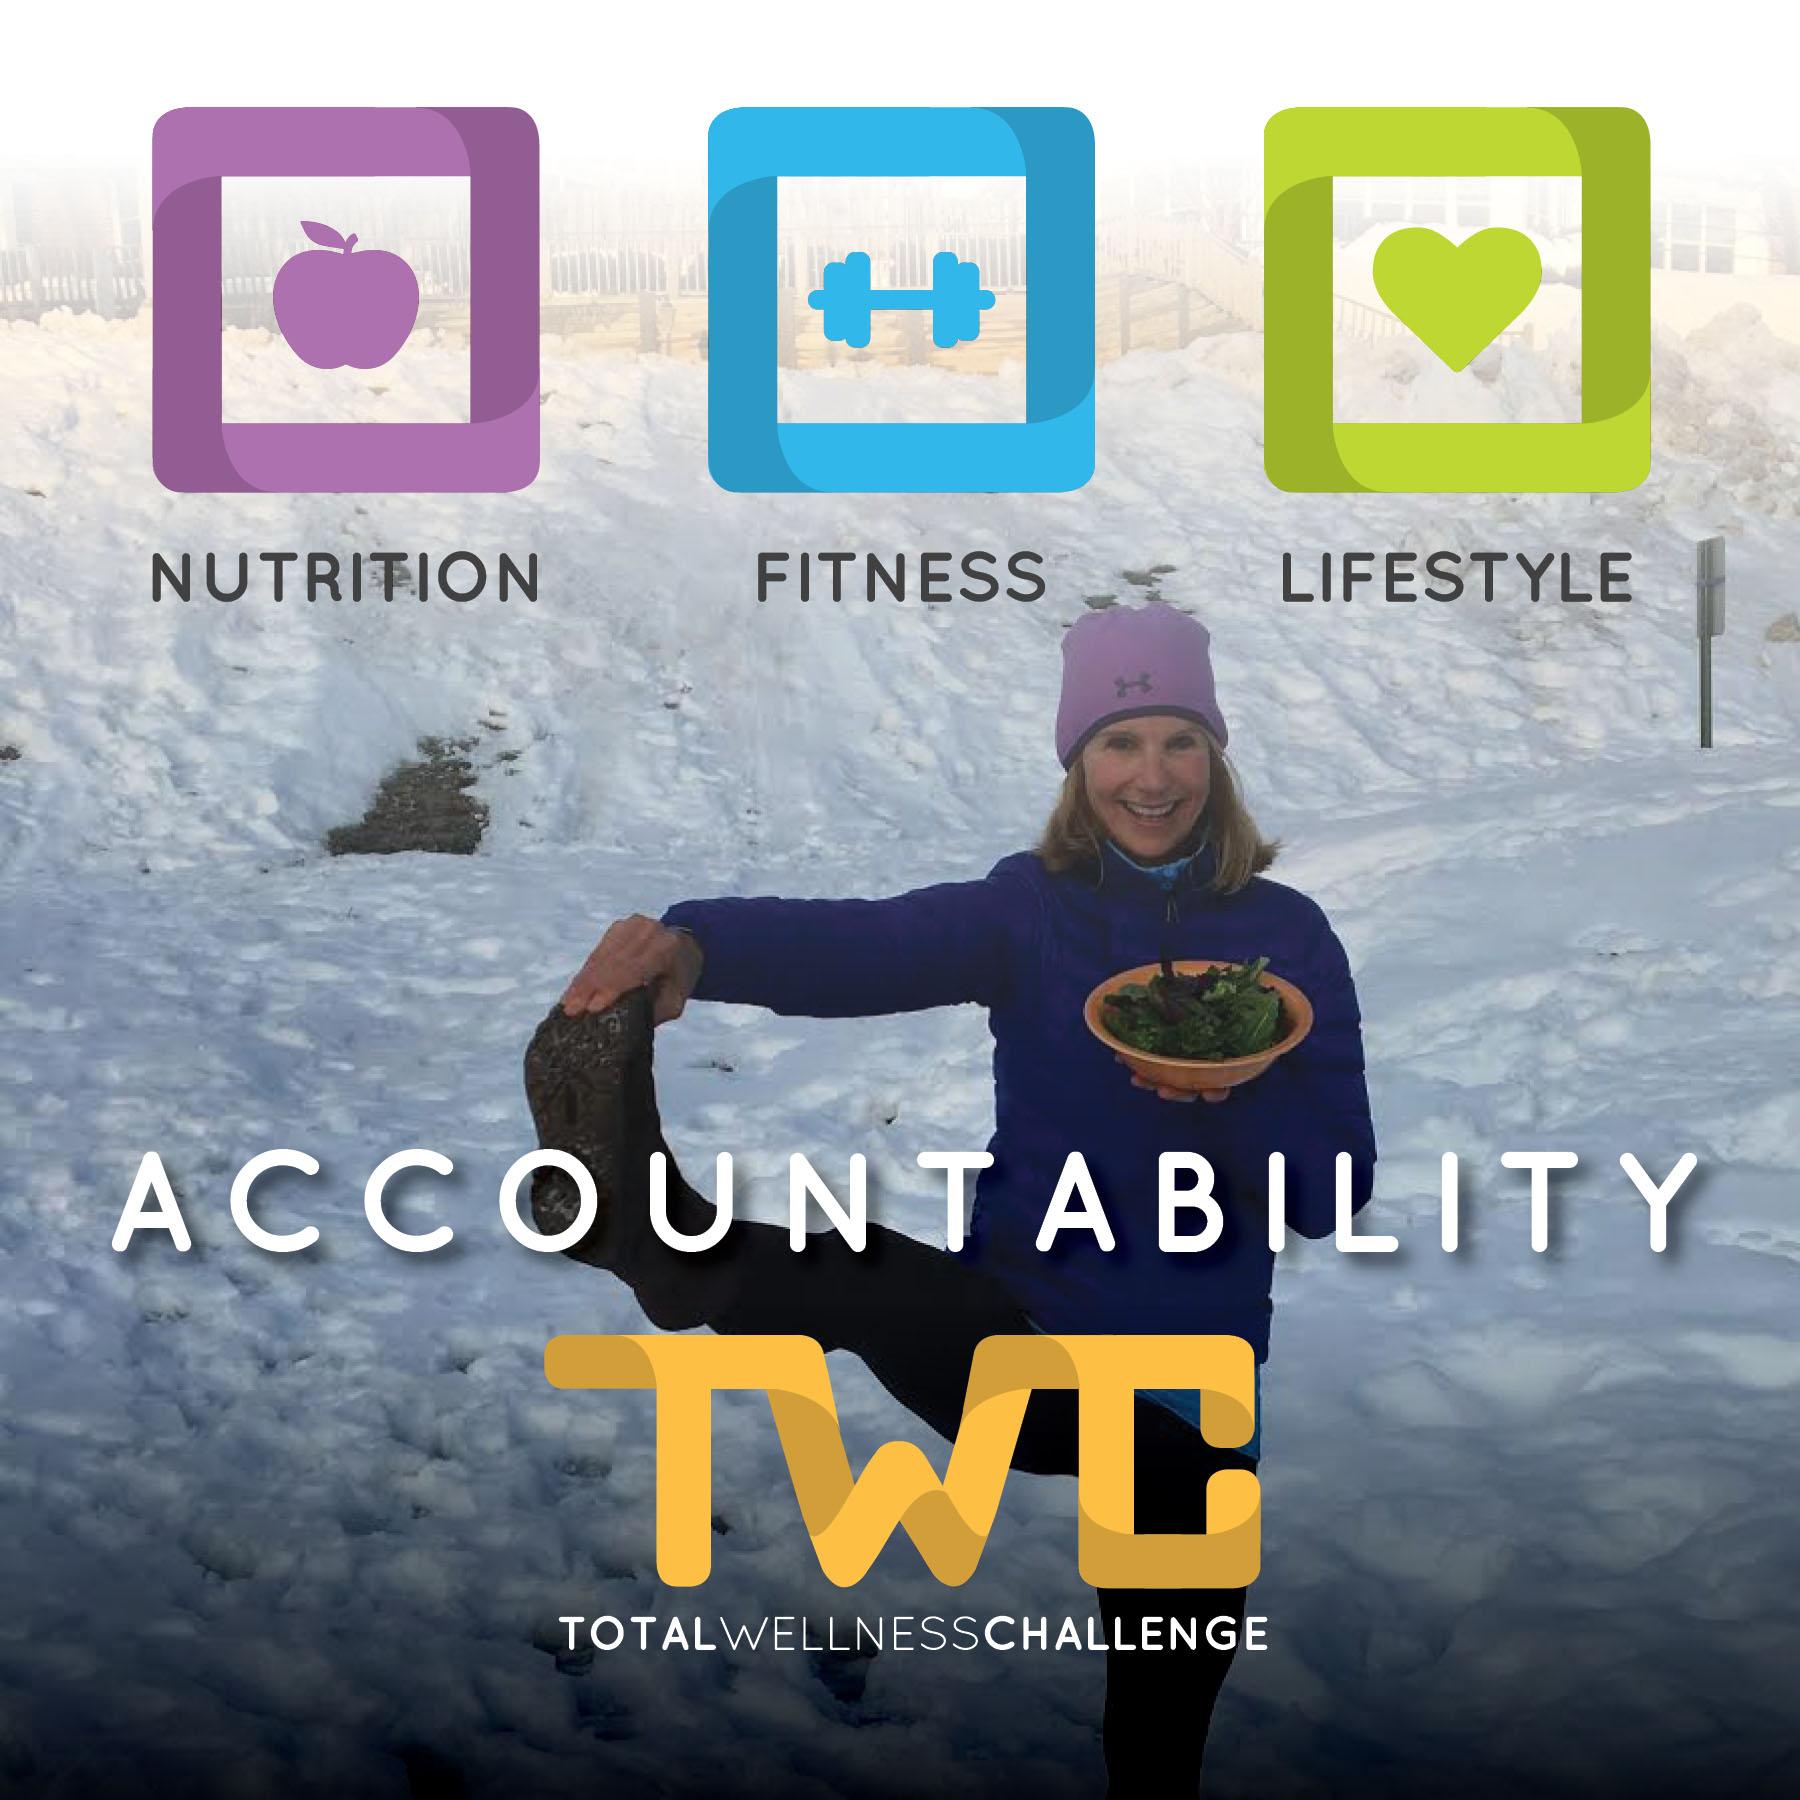 TWC Ad